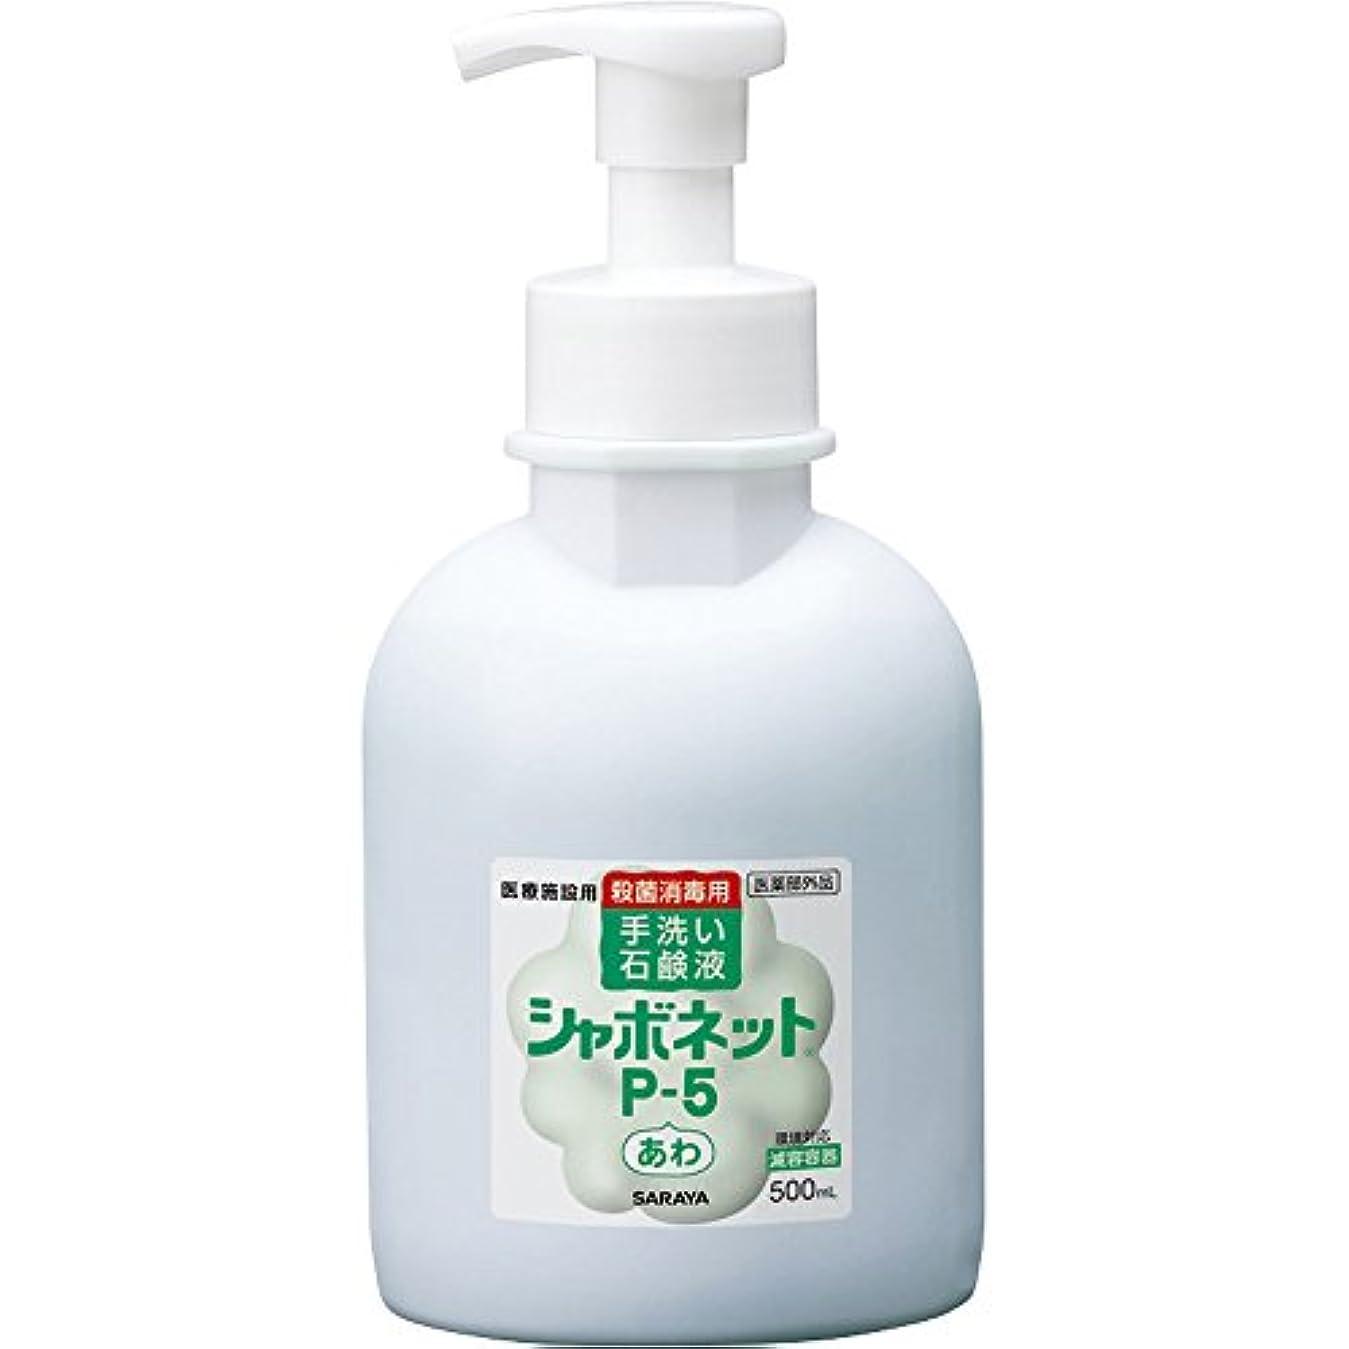 手伝う北へキャンバスサラヤ シャボネットP-5 (500ml 泡ポンプ付) 手指殺菌?消毒 植物性薬用石けん液 (シトラスグリーンの香り)